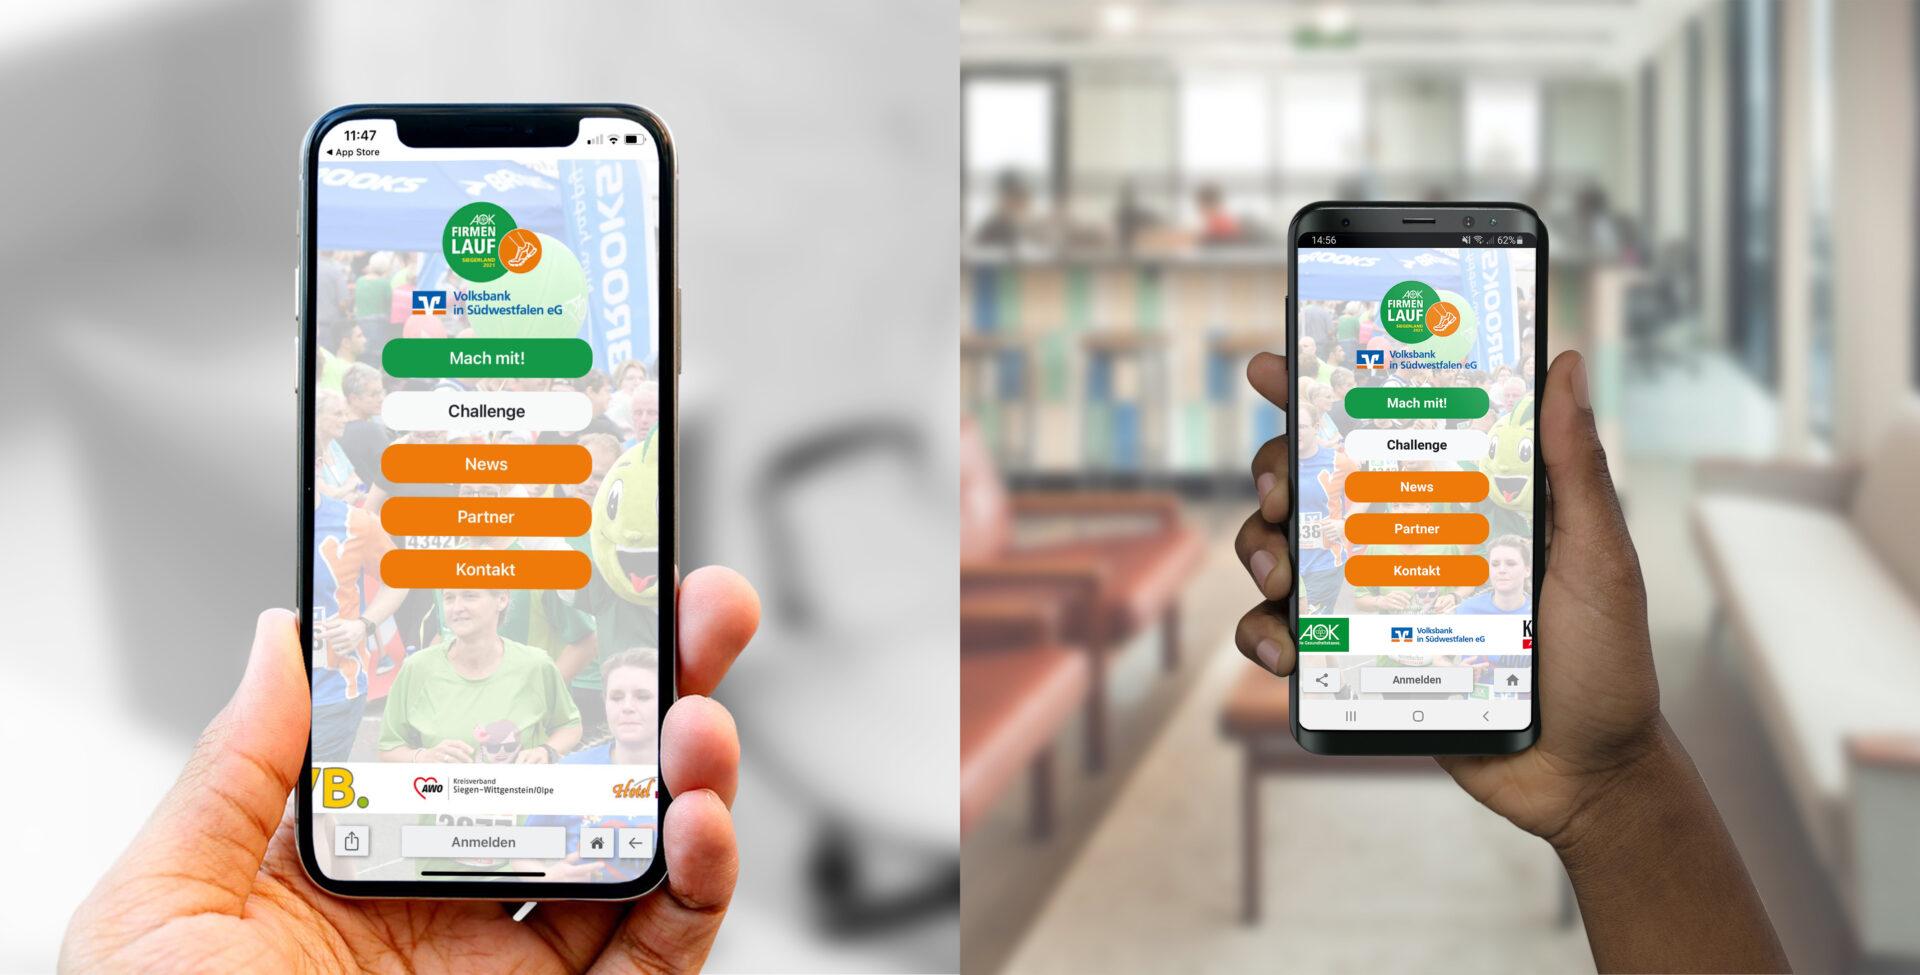 Firmenlauf-App jetzt verfügbar! 🤳🏽